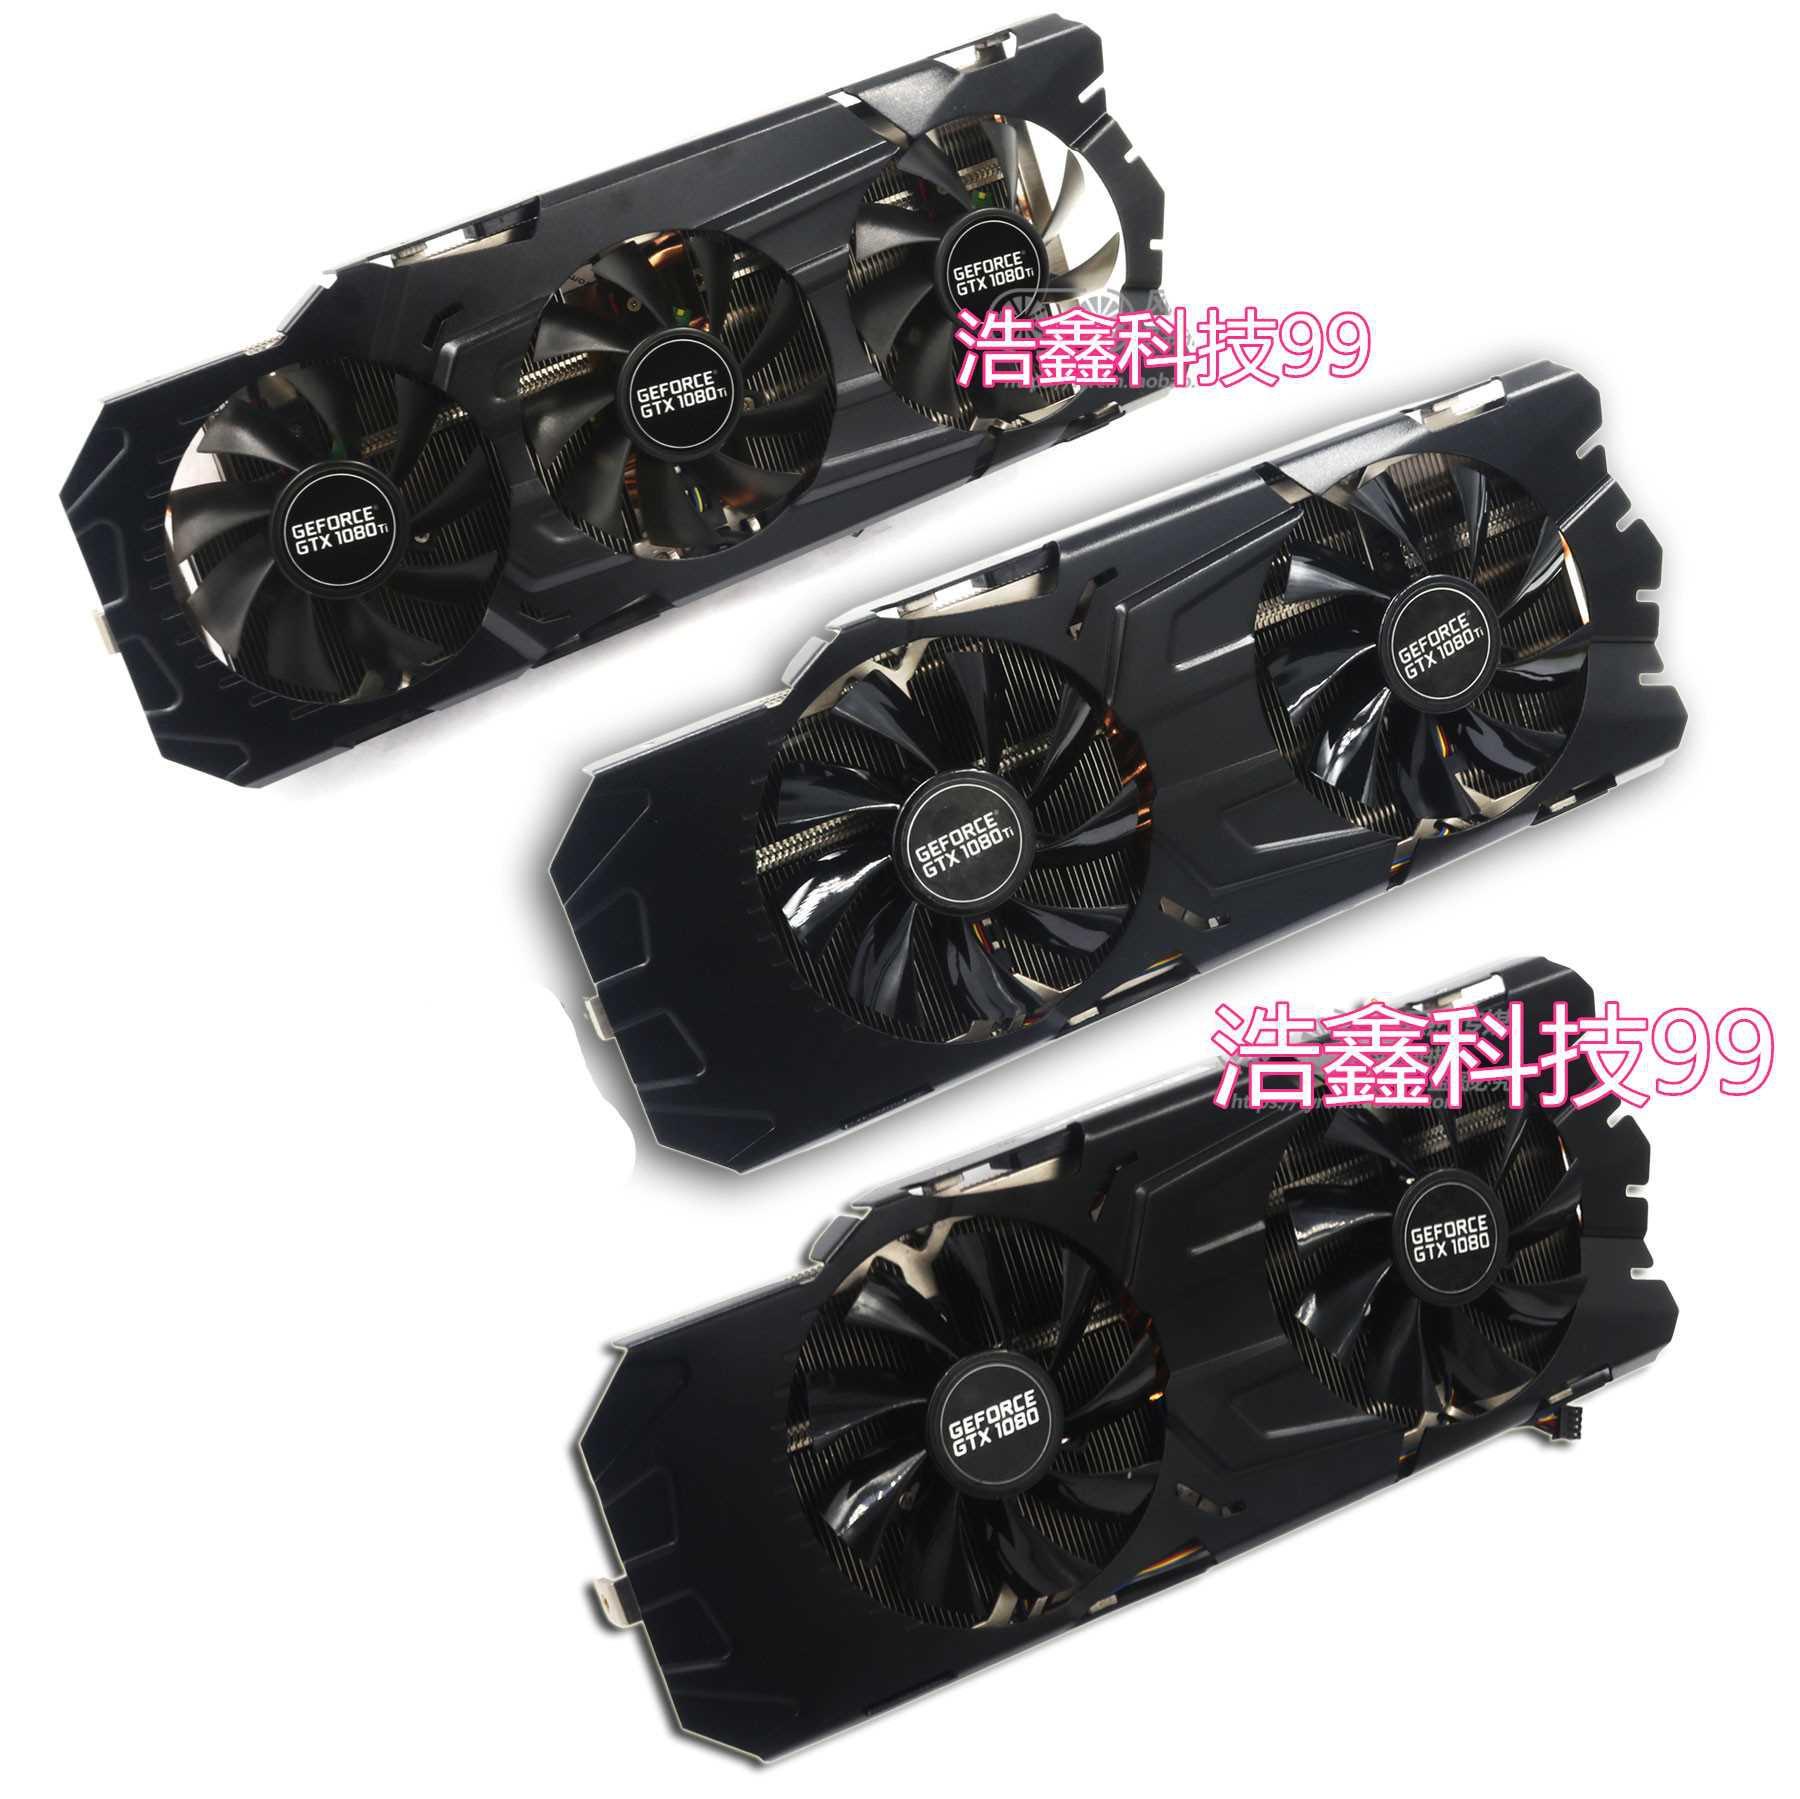 公版GTX1070/1070Ti/1080/1080Ti/TiTAN X顯卡散熱器五熱管信仰燈